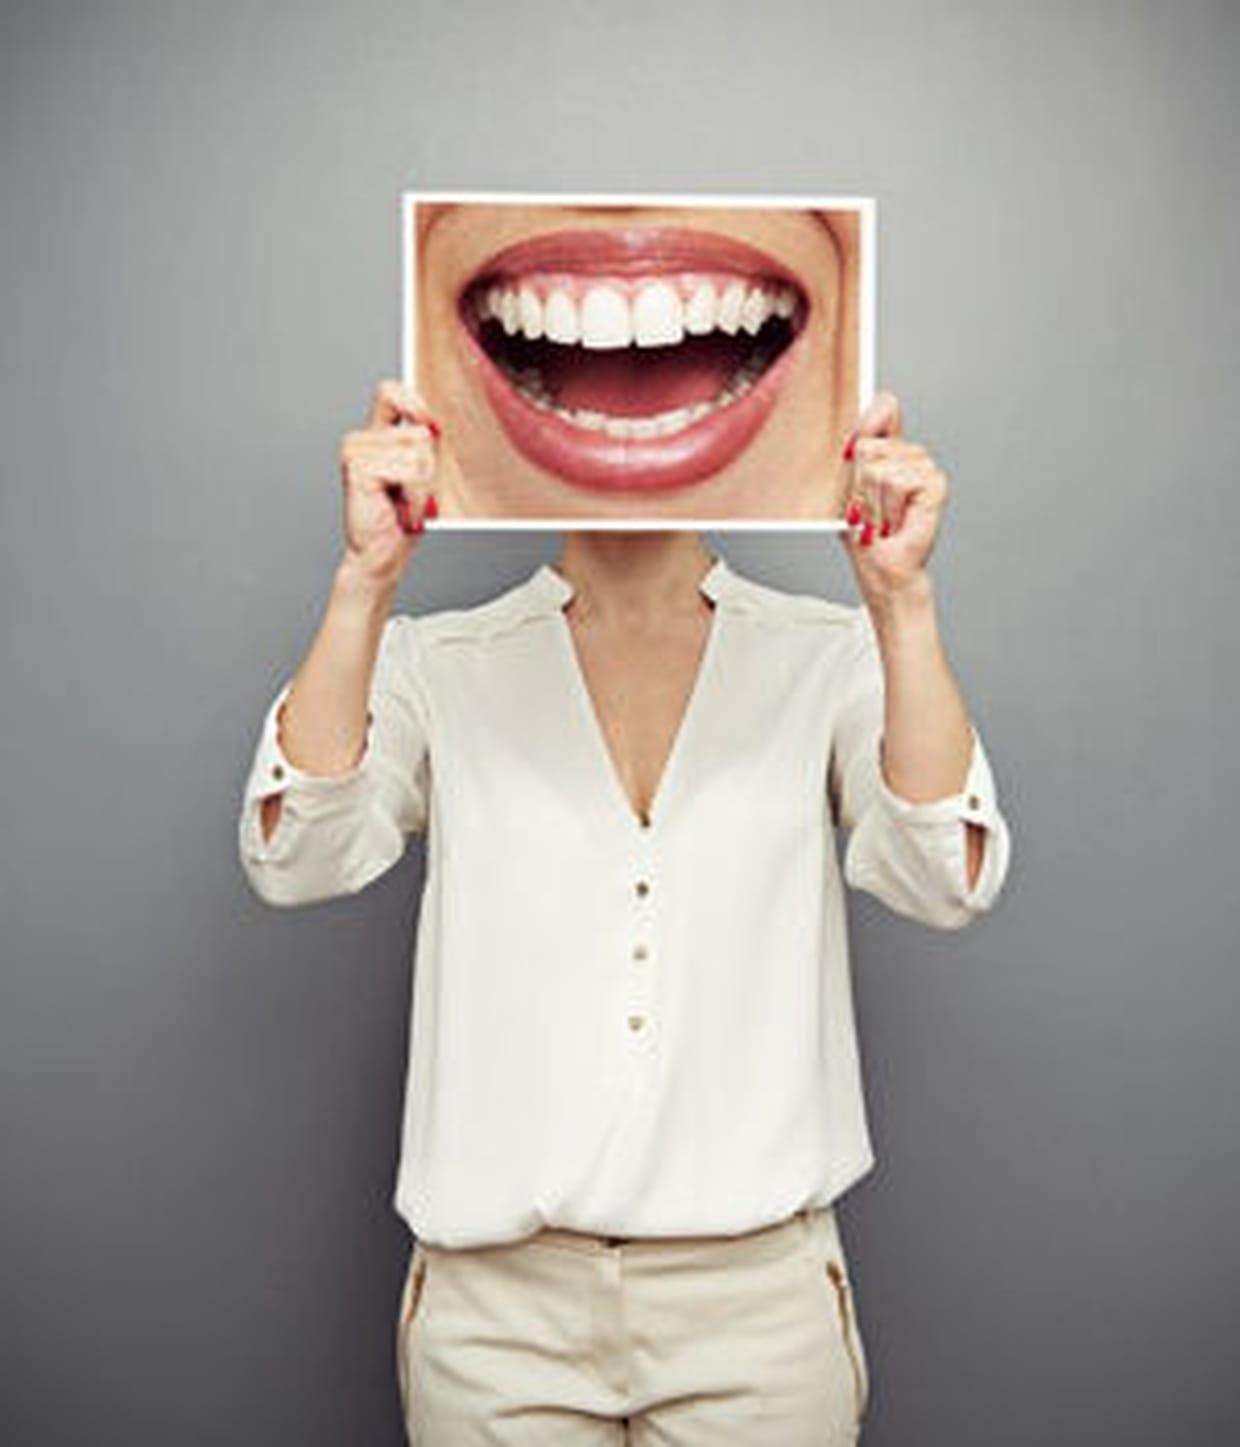 Centre dentaire : qu'en est-il de la réglementation actuelle ?